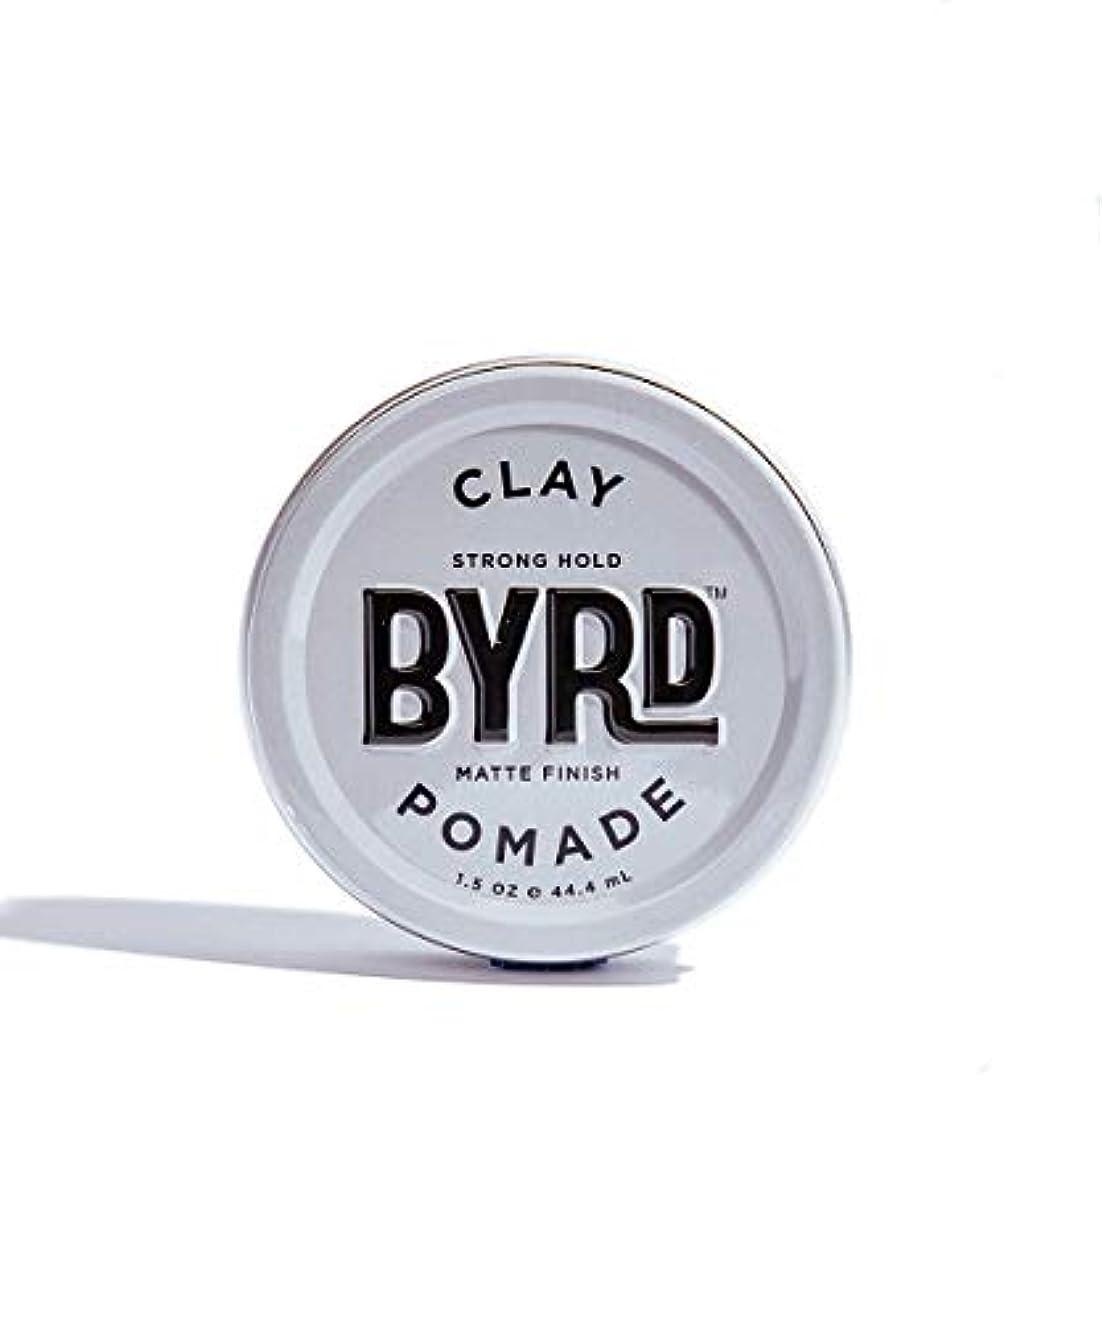 ボーカルを除く反逆者BYRD/クレイポマード 42g メンズコスメ ワックス ヘアスタイリング かっこいい モテ髪